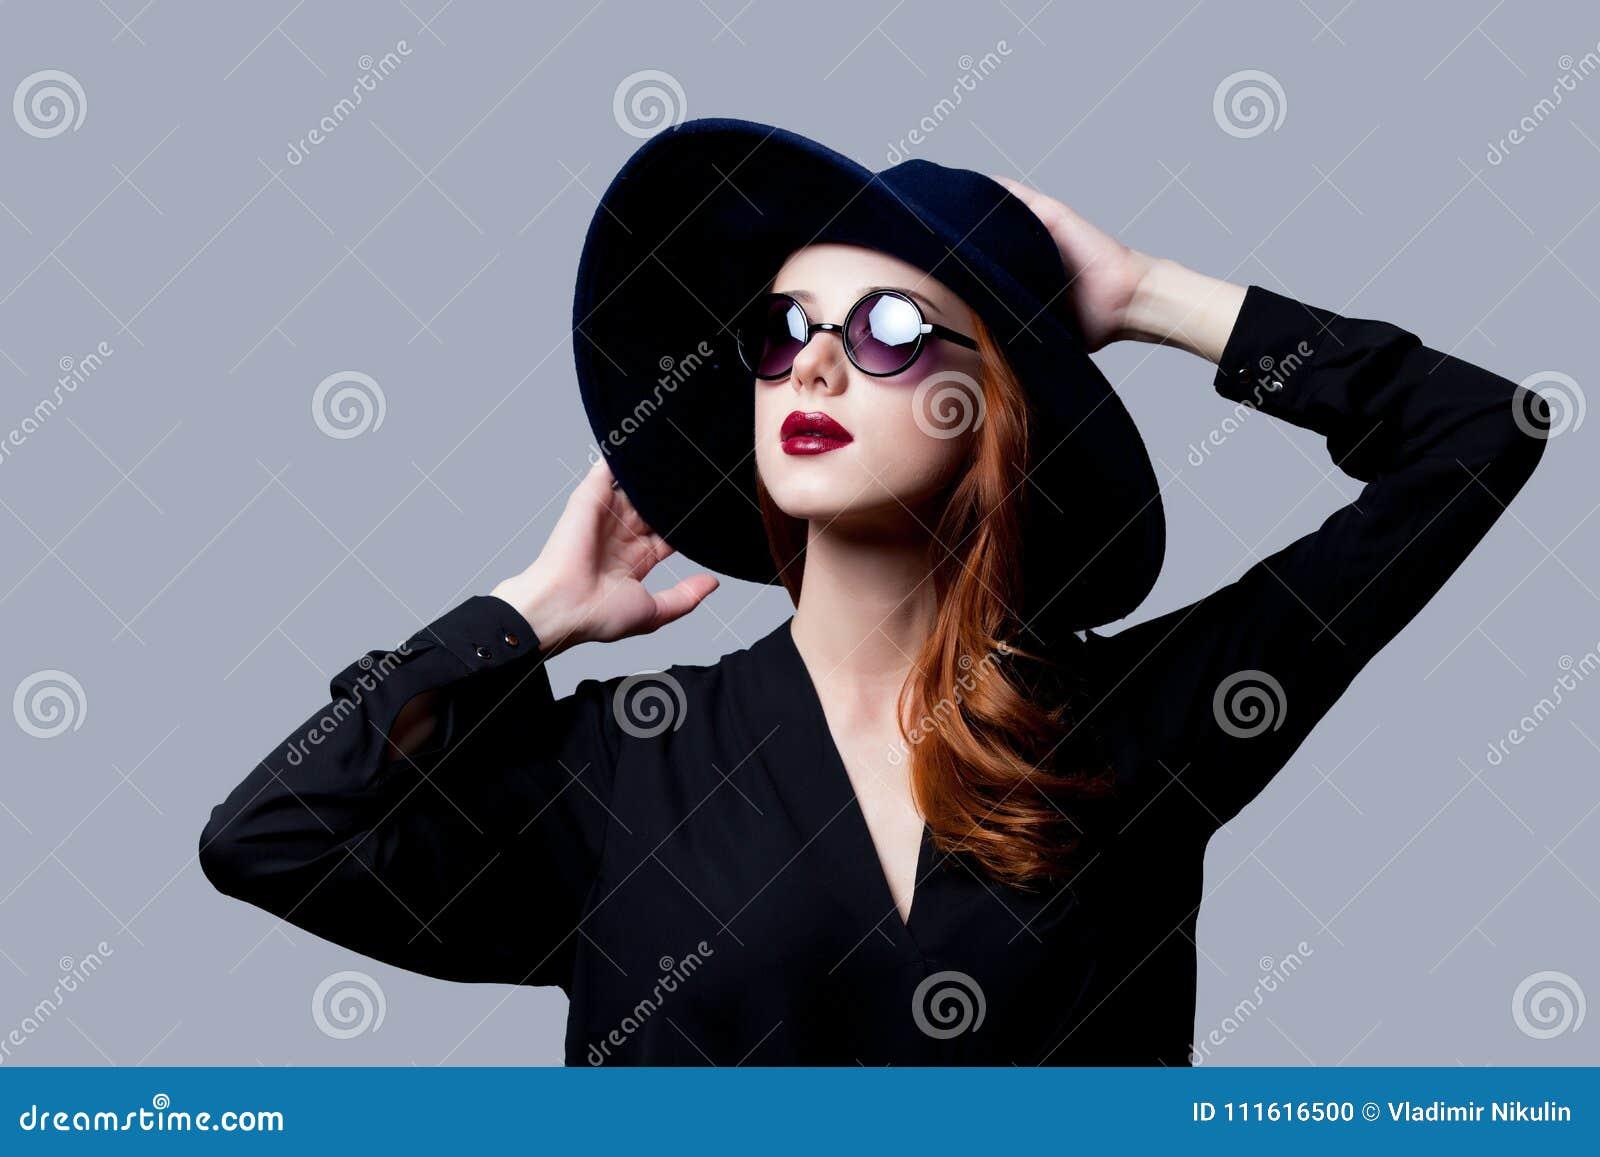 59a9d81e5169a5 Jeune Jeune Jeune Dans Dans Dans Dans Style Soleil Rousse De Lunettes Foncé  Des Le Fille 4B1y4Pgqr